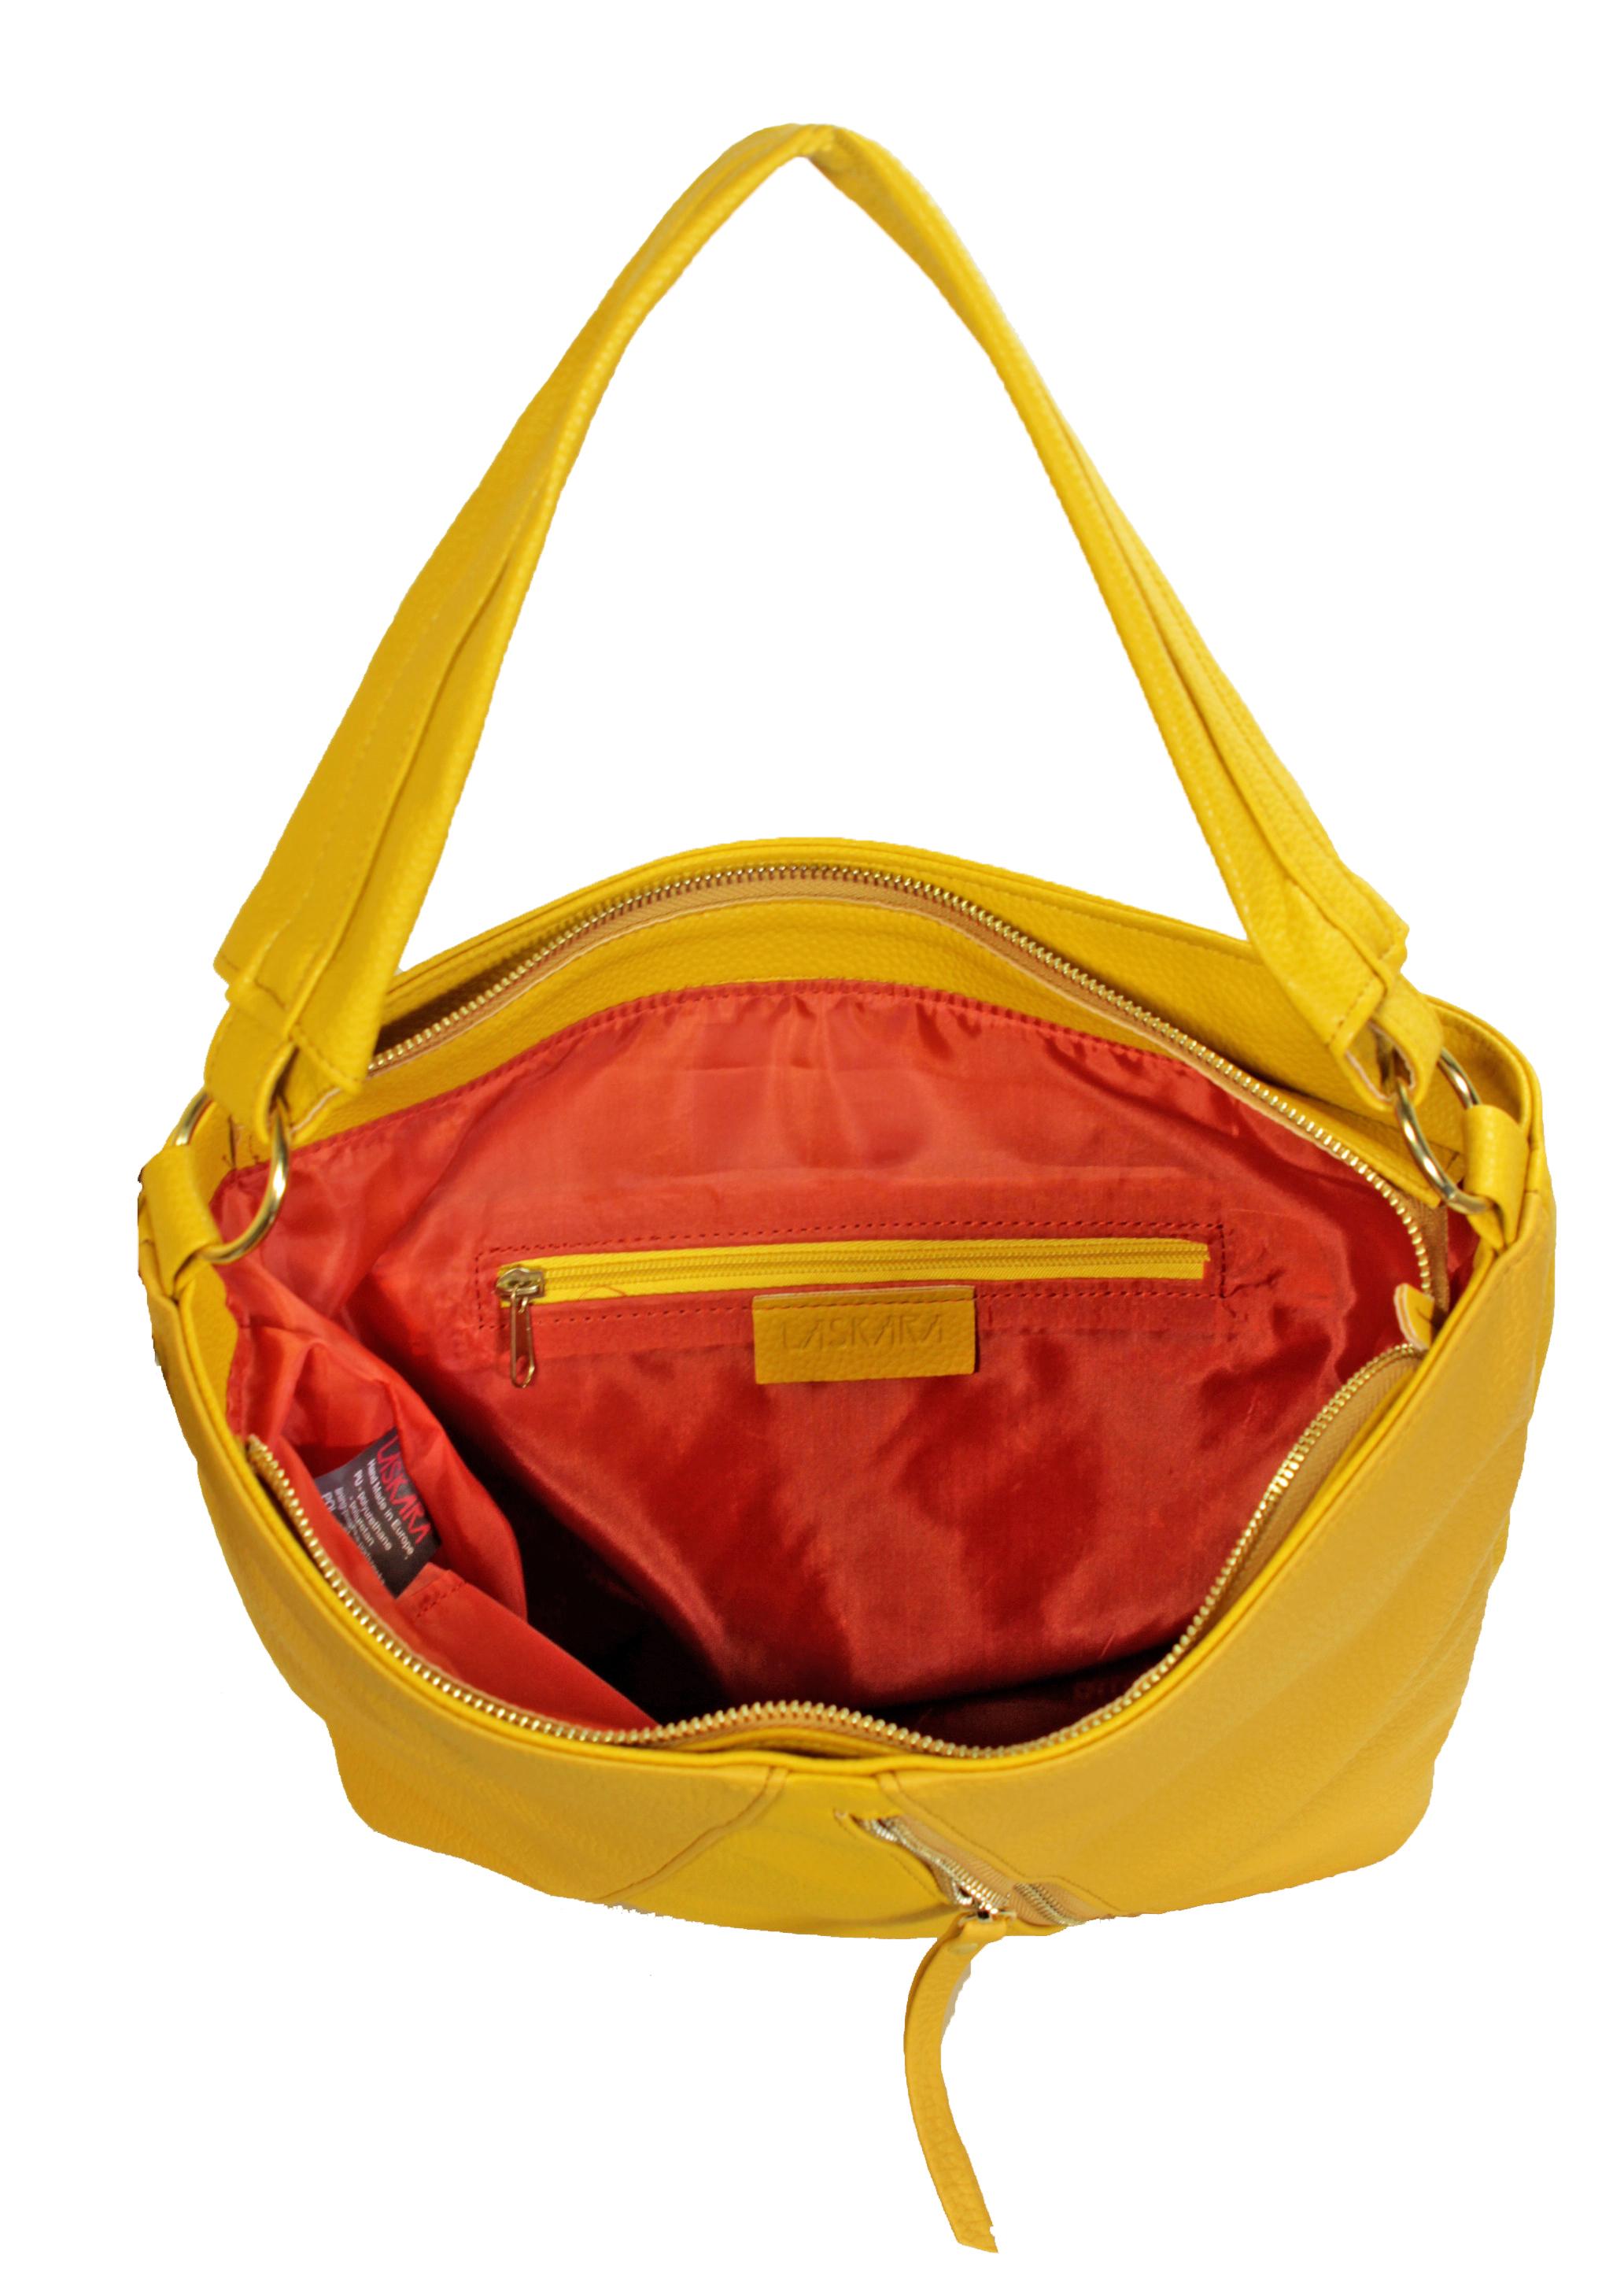 Zářivě žlutá kabelka 11-10252-yellow-mustard - vnitřní rozložení